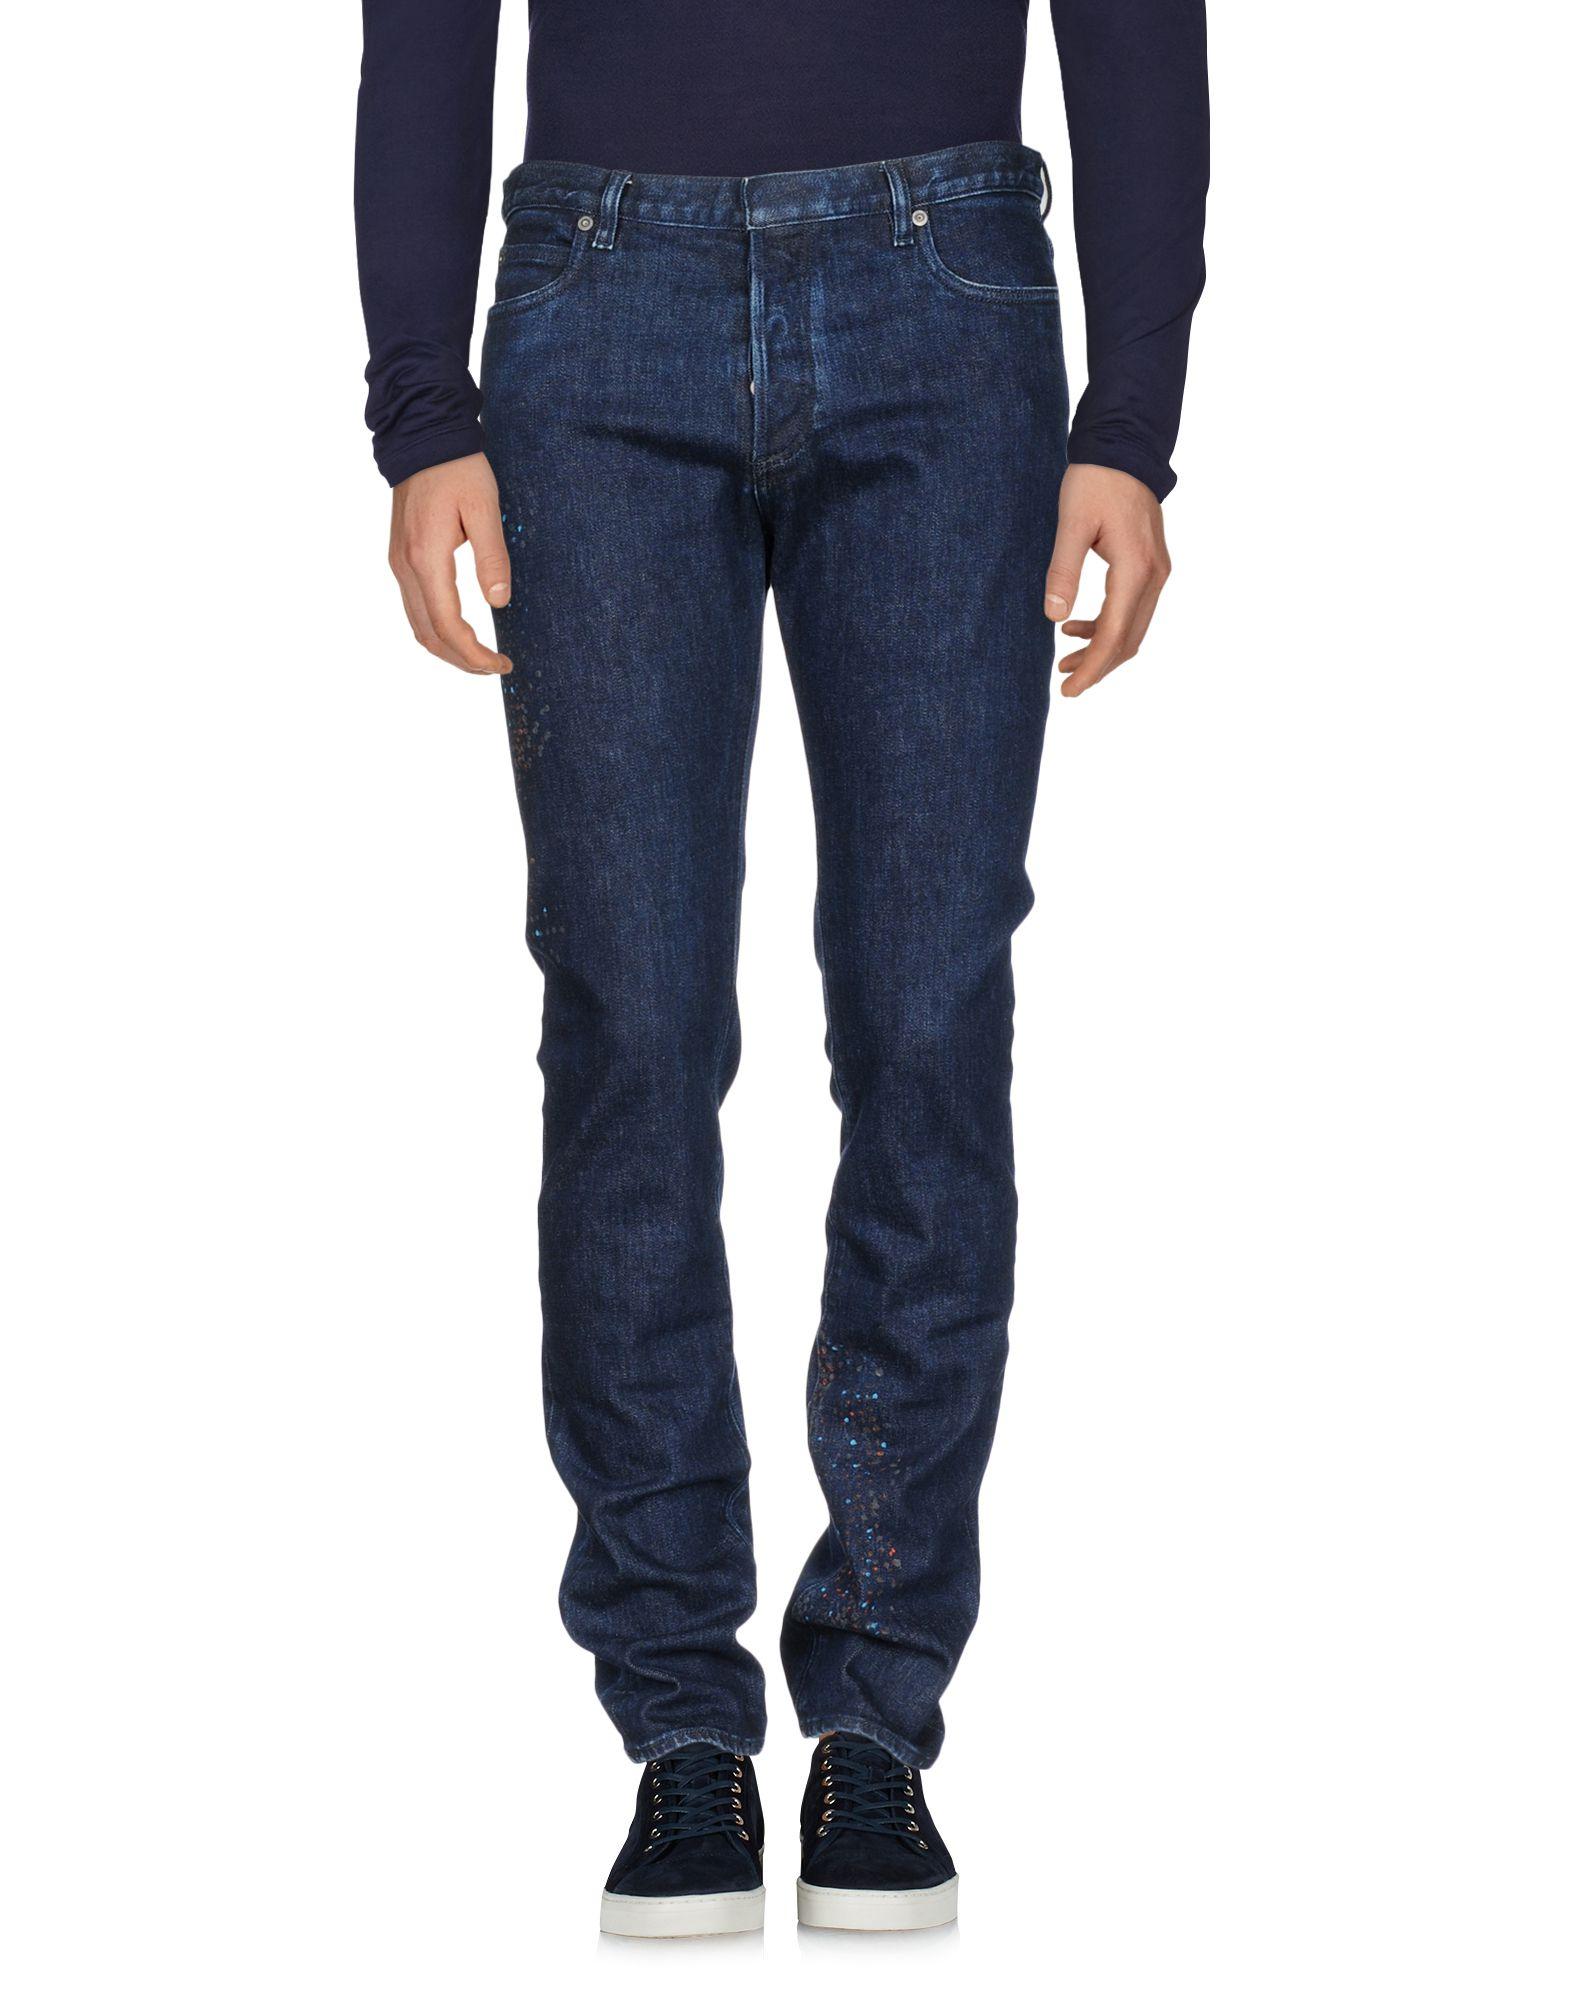 Pantaloni Jeans Maison Margiela Donna - Acquista online su